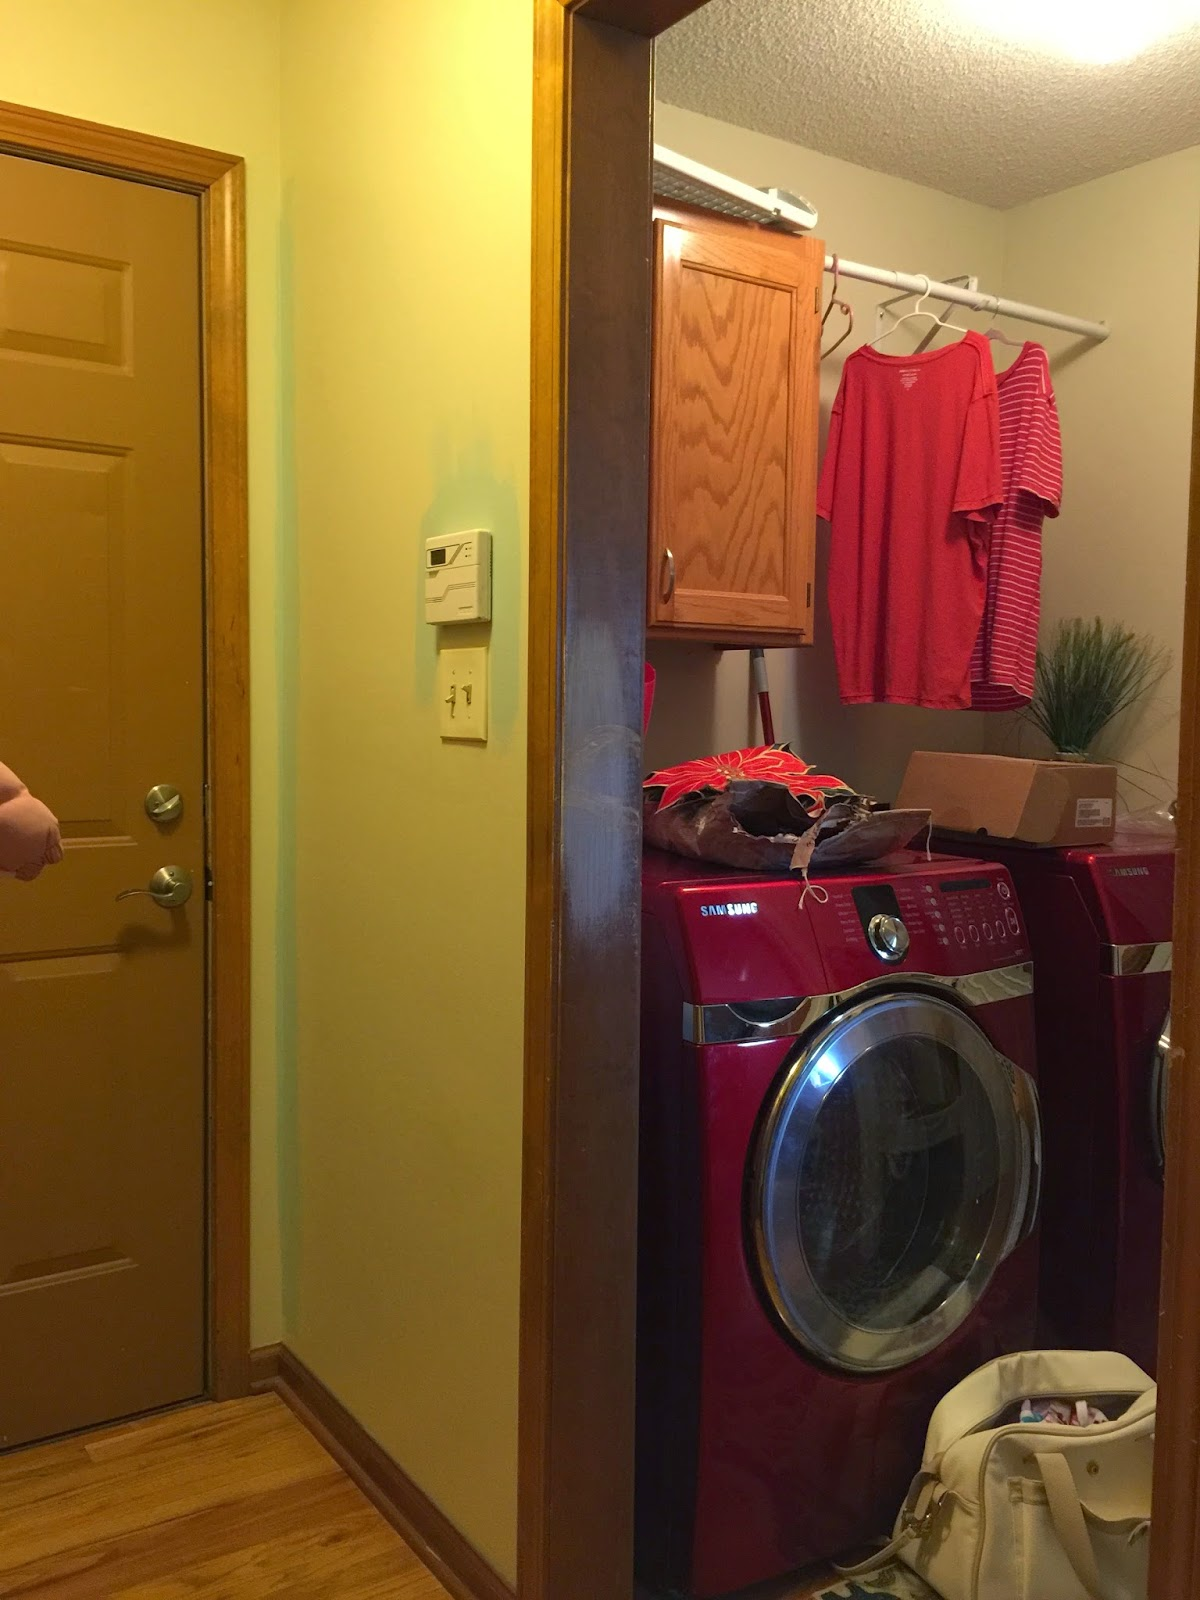 Freshening Up the Laundry Room - Whimsical September